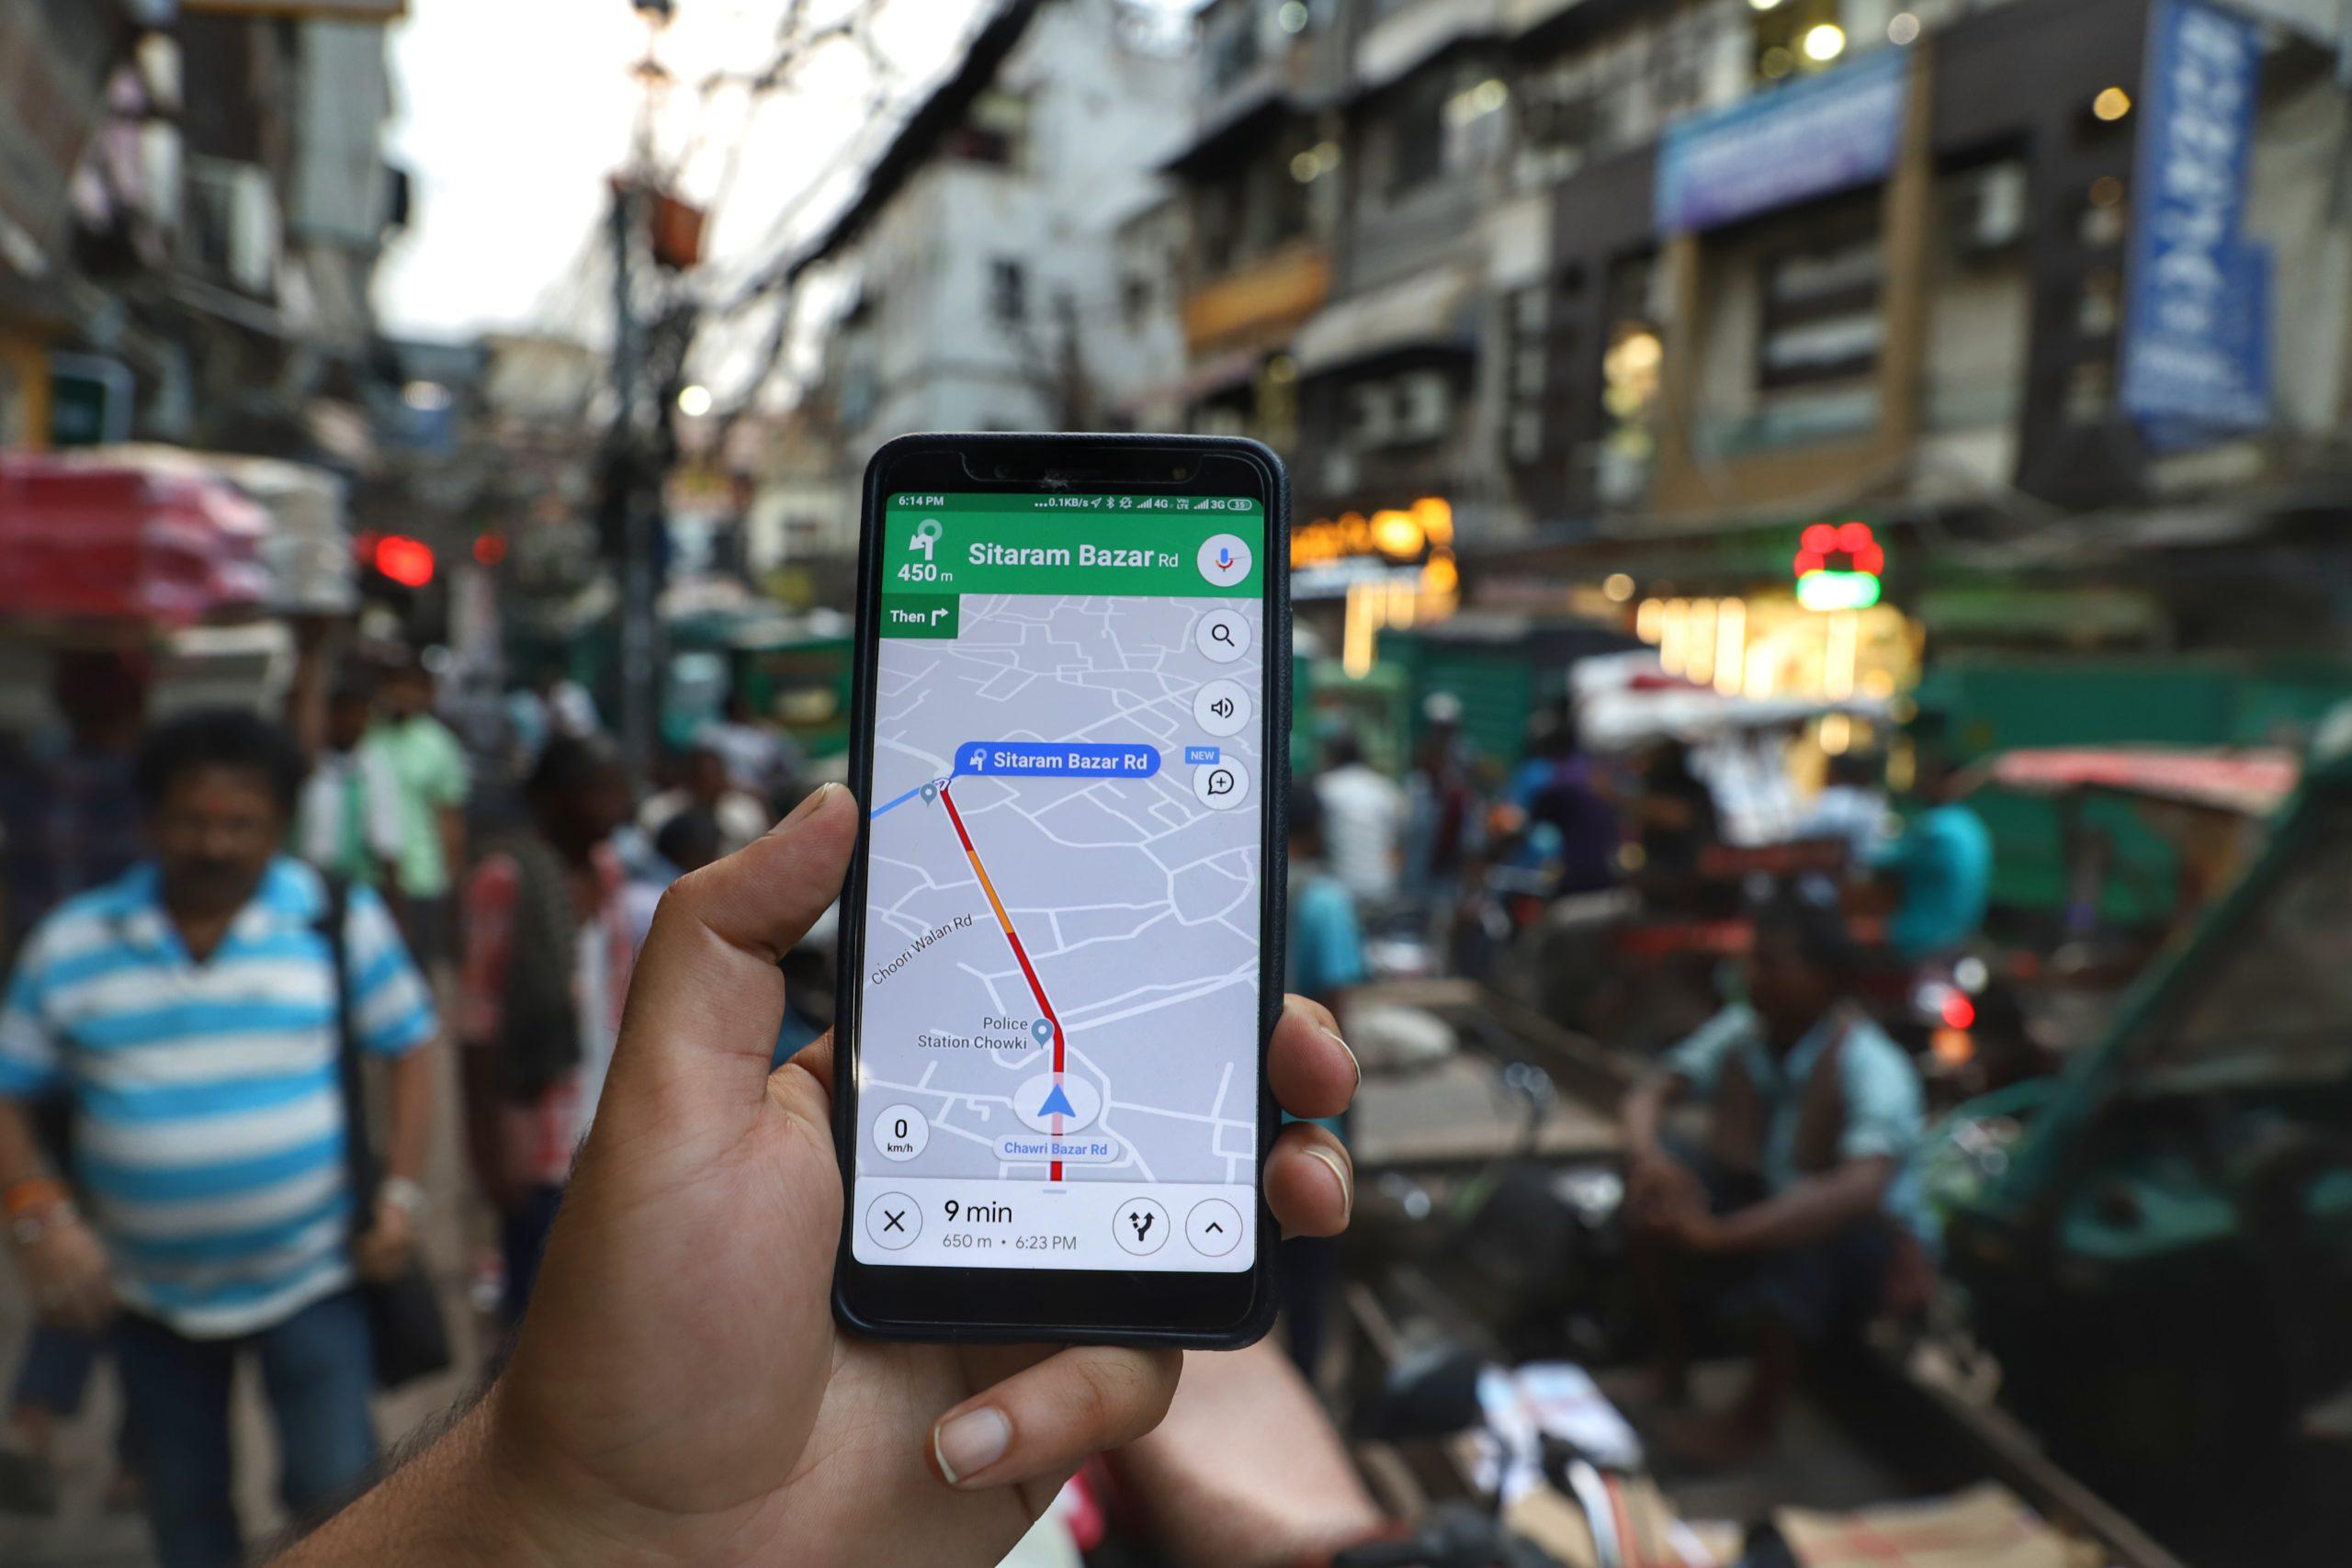 A user searches his destination via Google Maps in New Delhi India